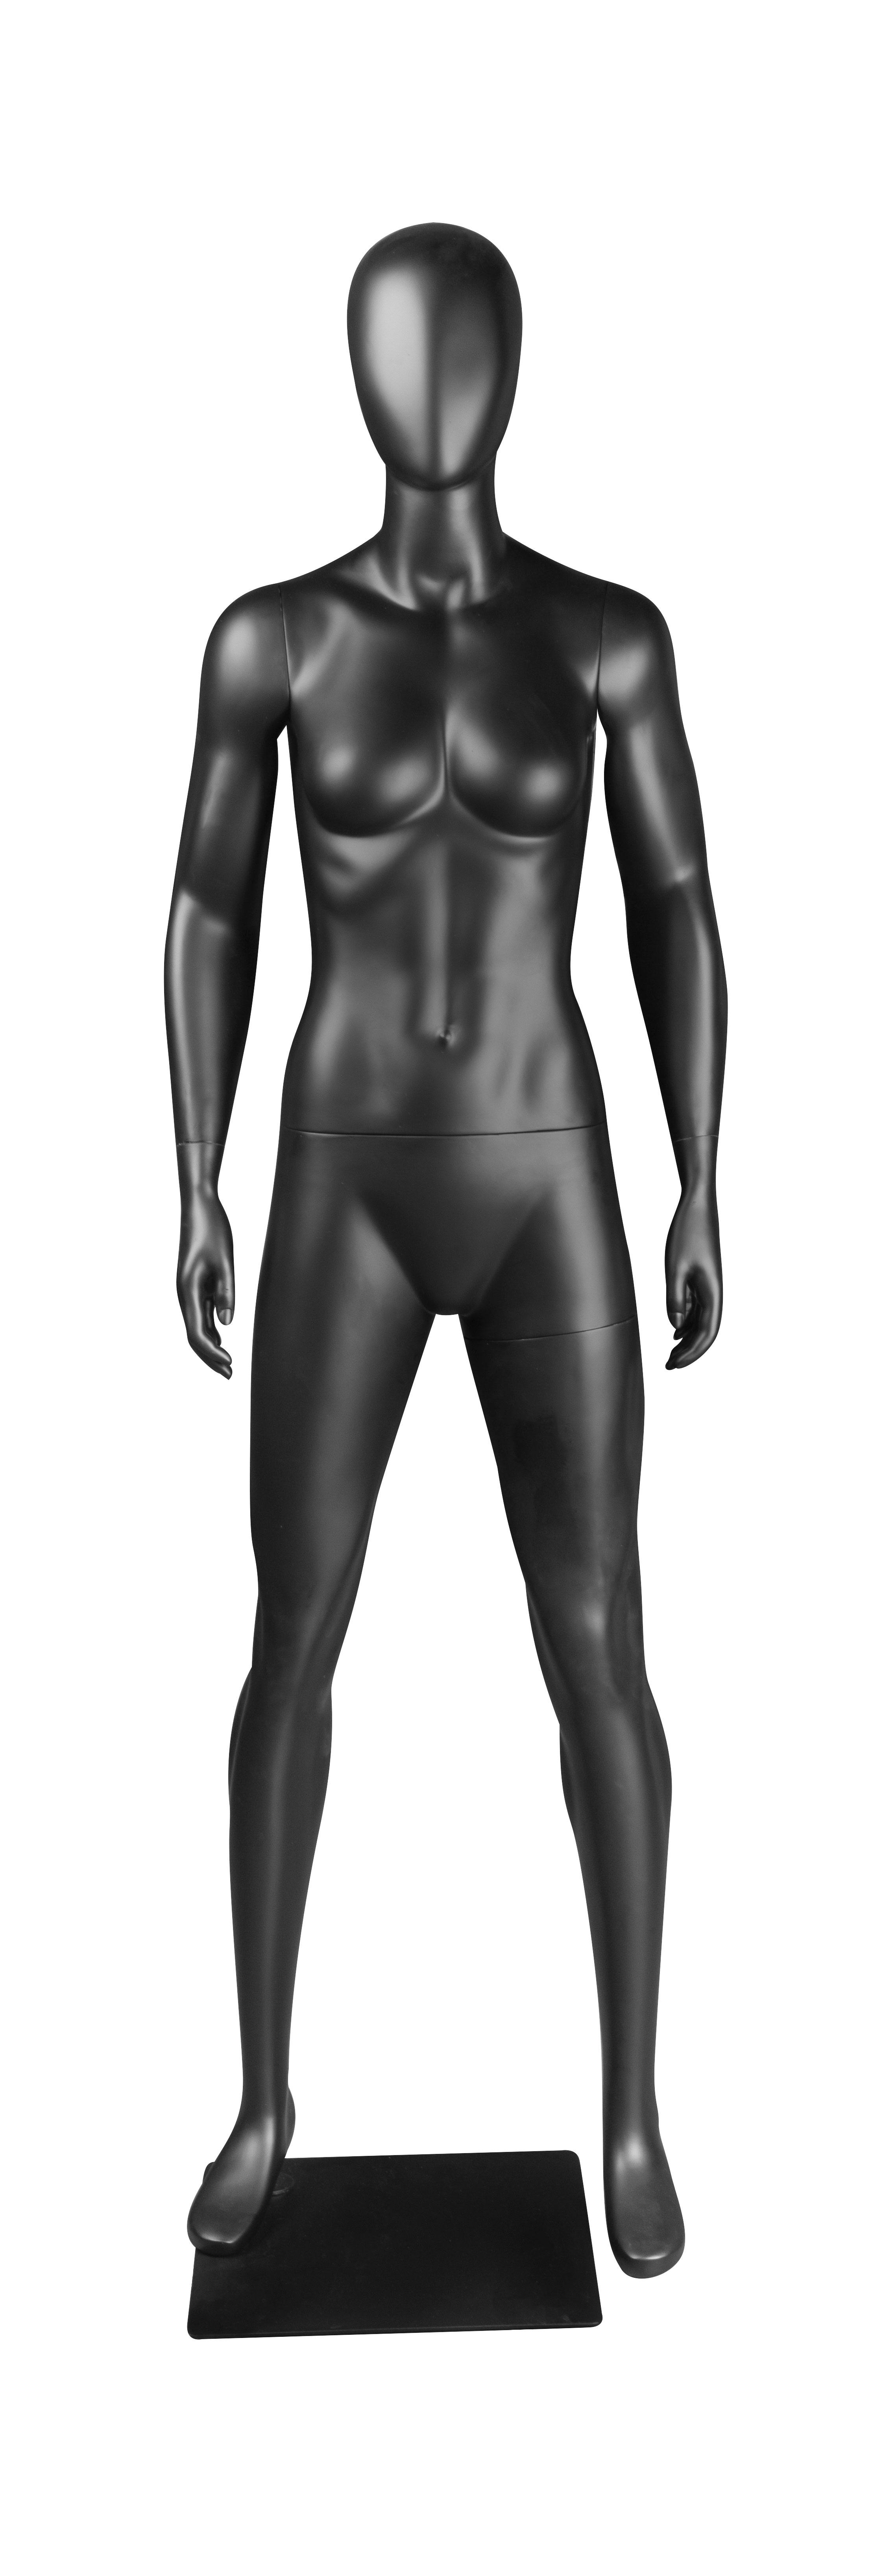 figurína dámská, vzpřímený postoj, černá matná